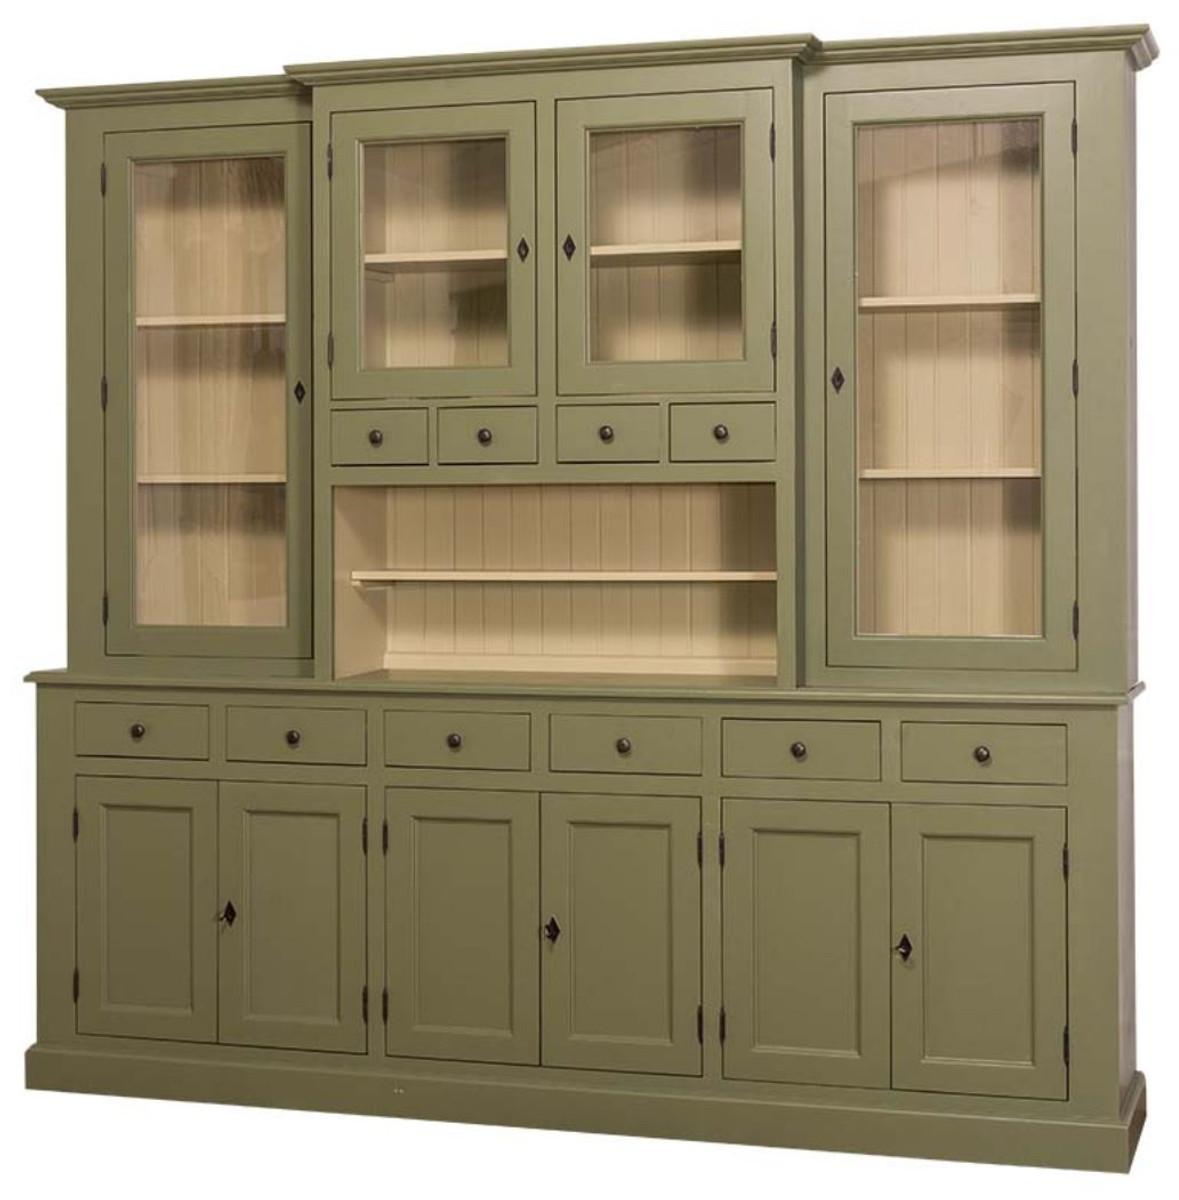 casa padrino landhausstil küchenschrank grün / beige 244 x 45 x h